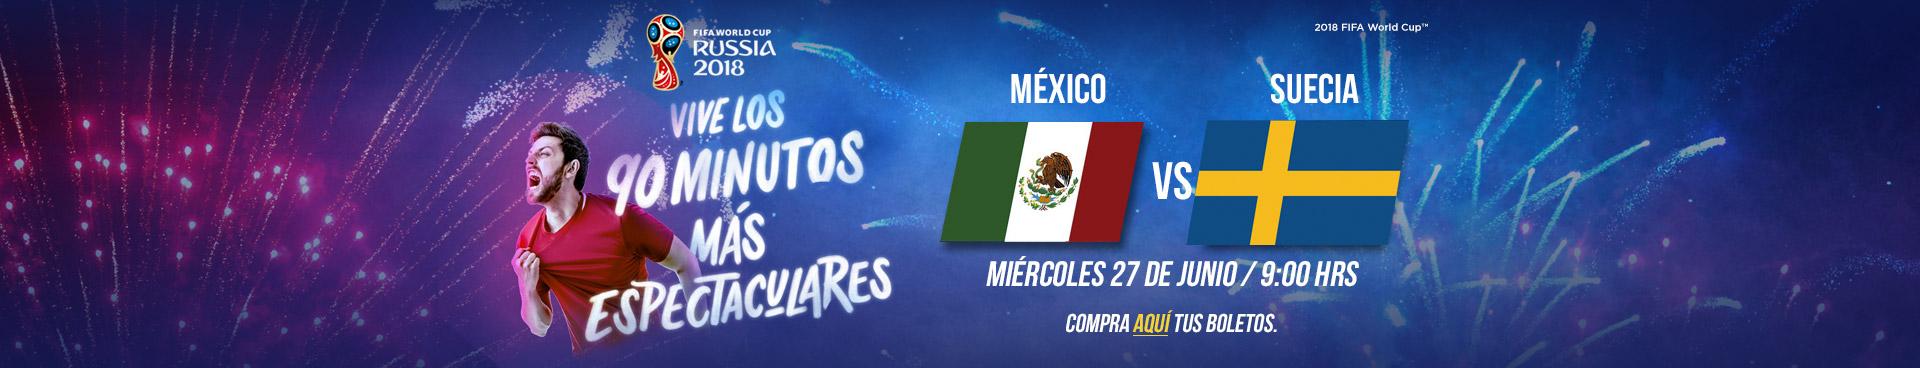 Mundial: México vs Suecia